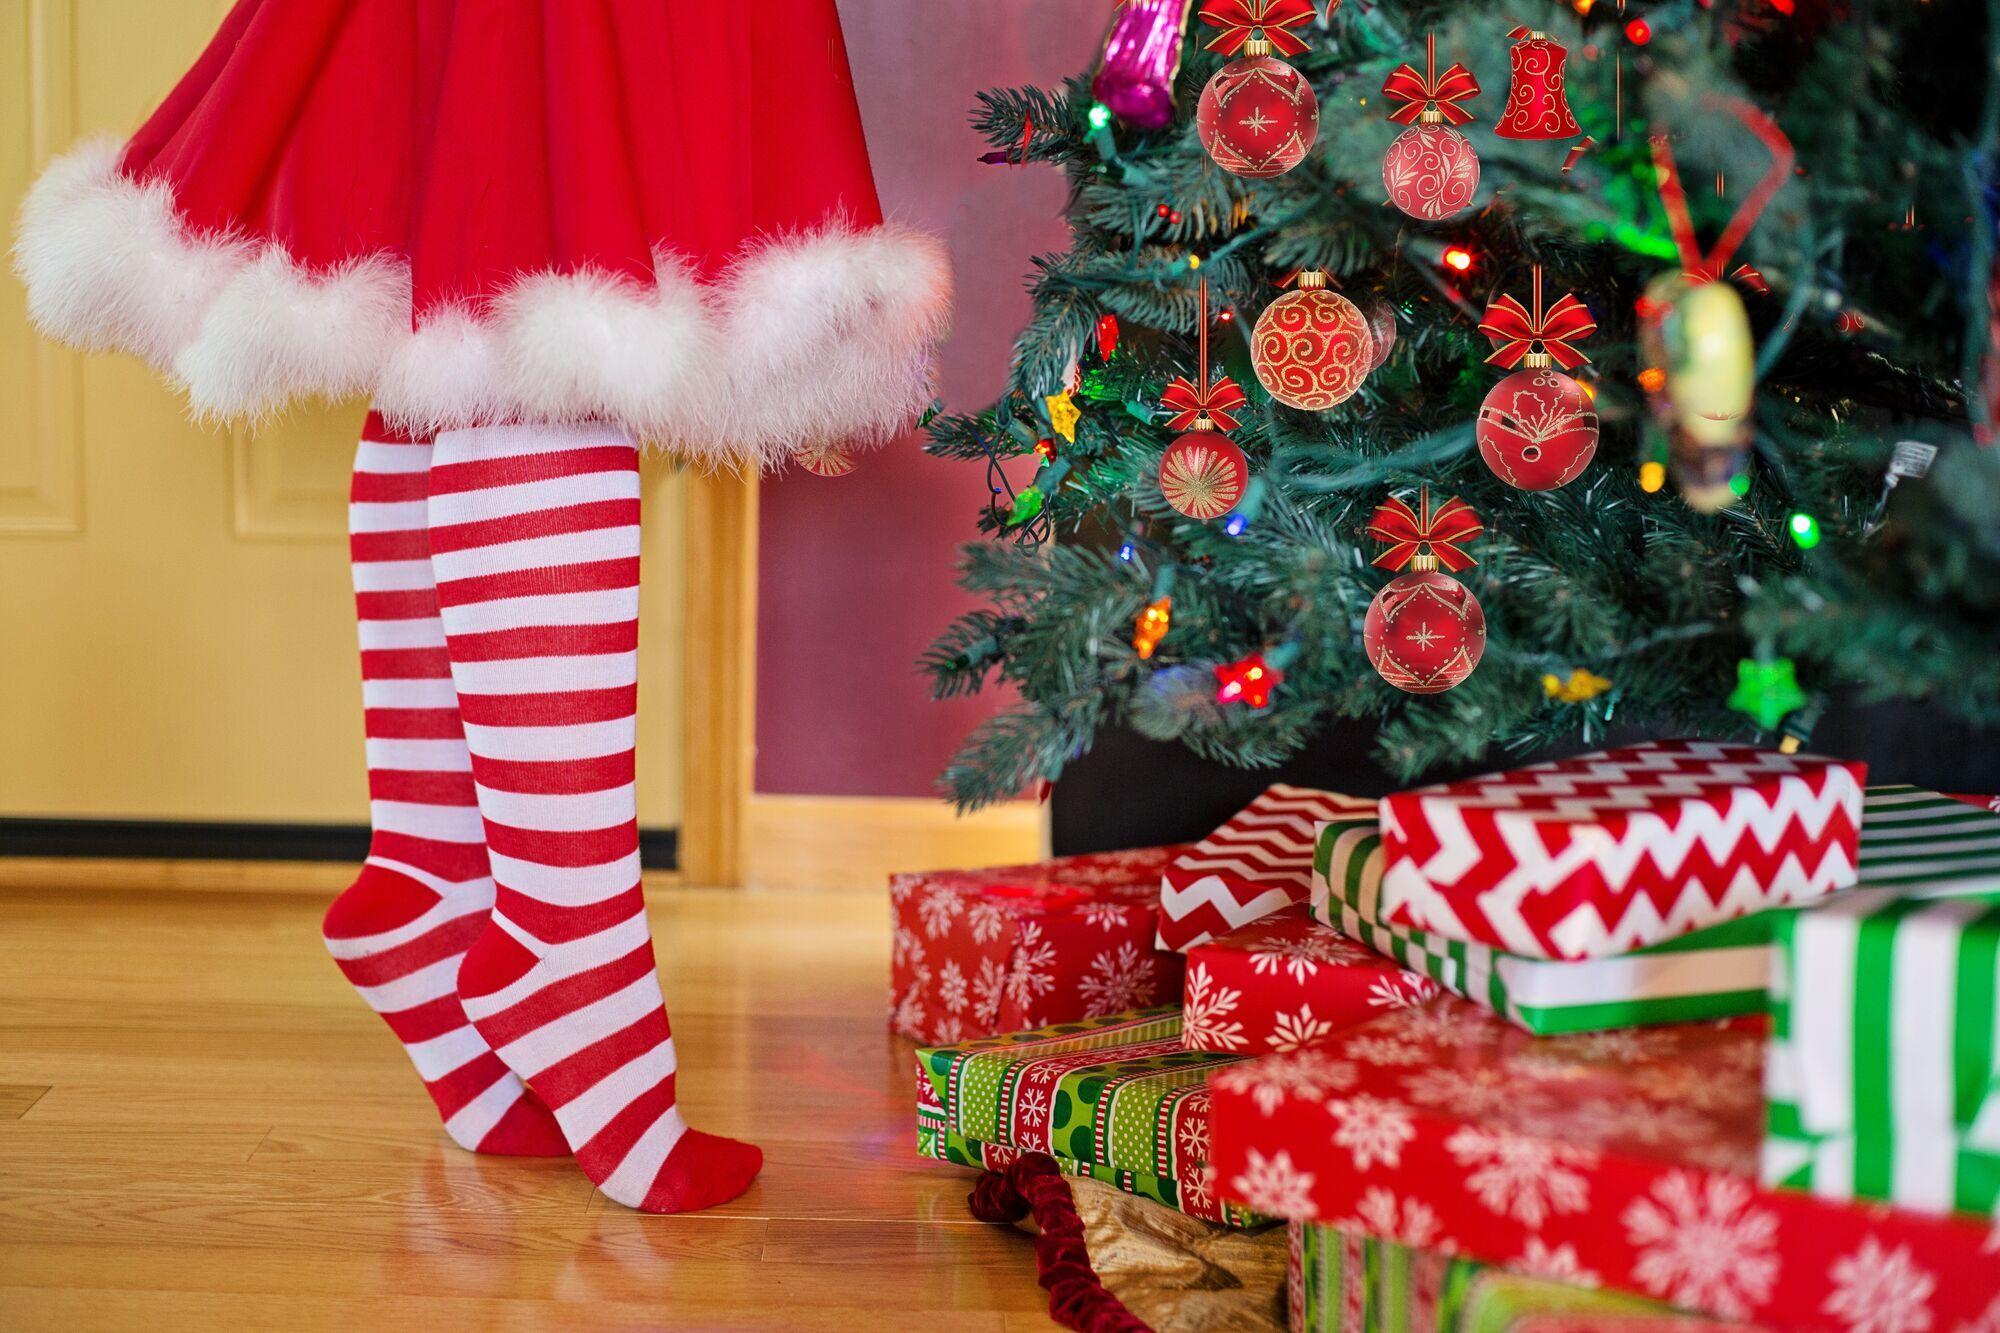 На католицьке Різдво 2020 року українці будуть відпочивати три дні поспіль – 25, 26 і 27 грудня